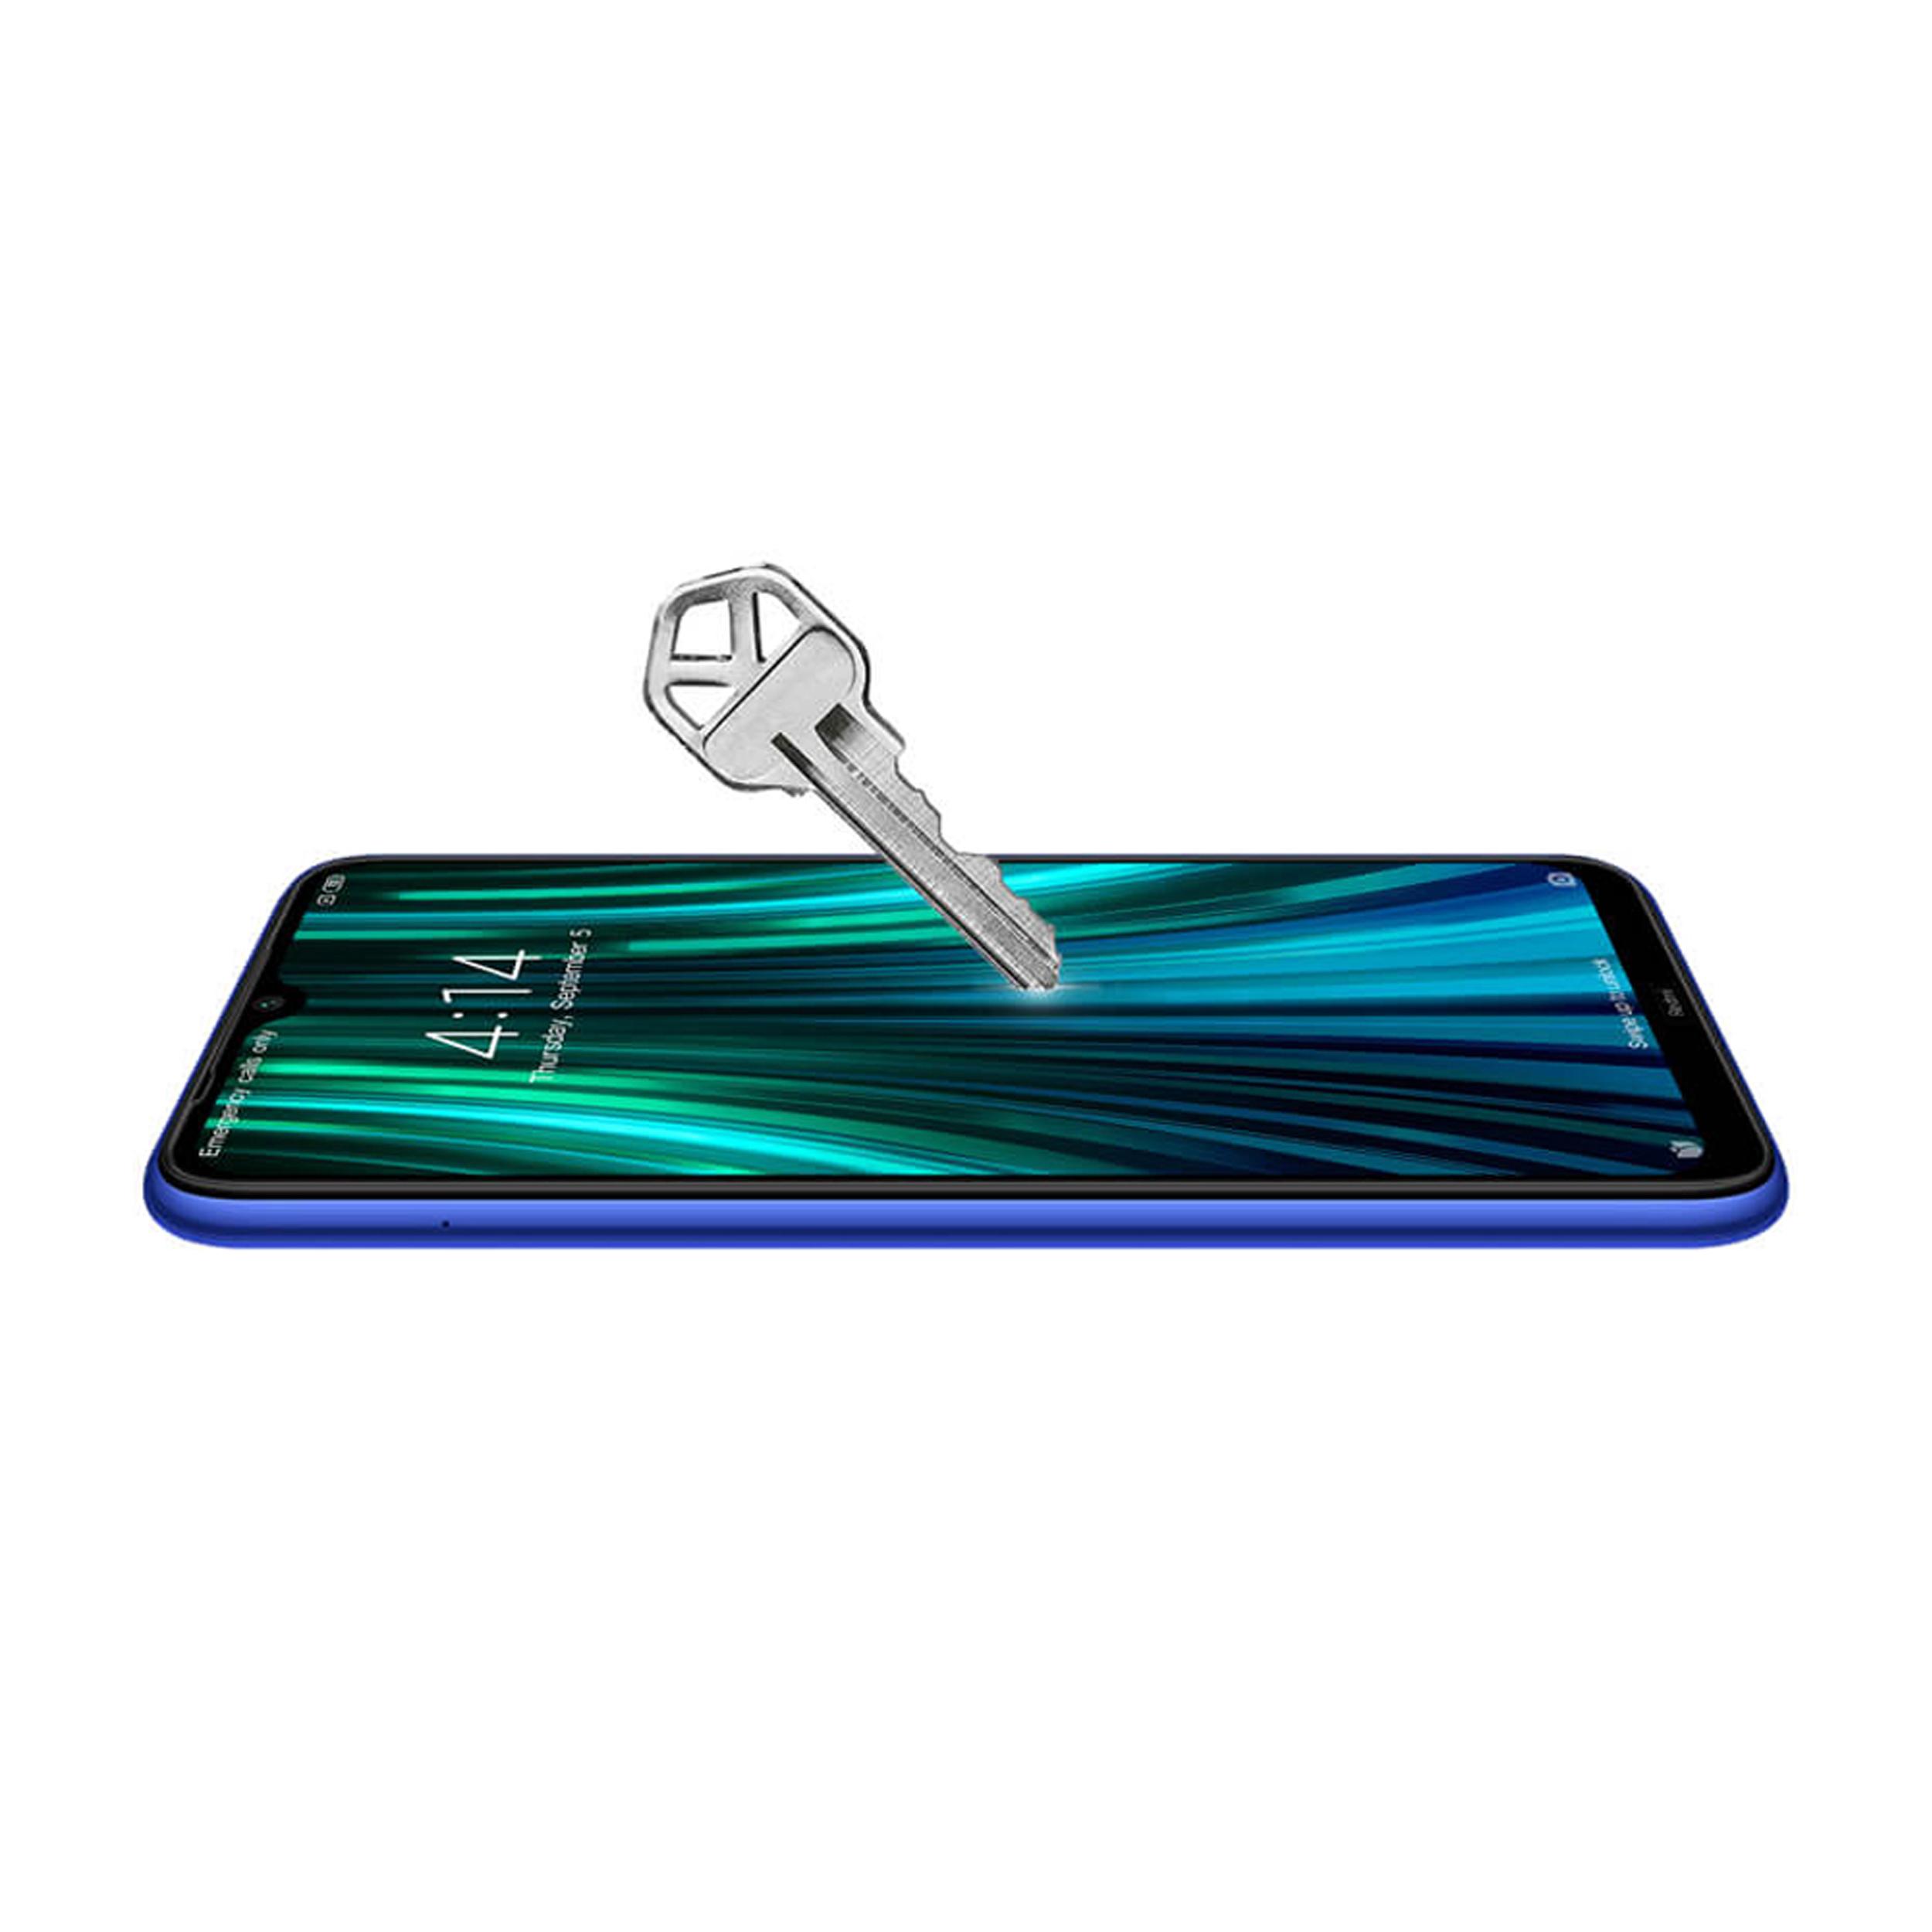 محافظ صفحه نمایش سیحان مدل FG مناسب برای گوشی موبایل شیائومی Redmi Note 8t main 1 4